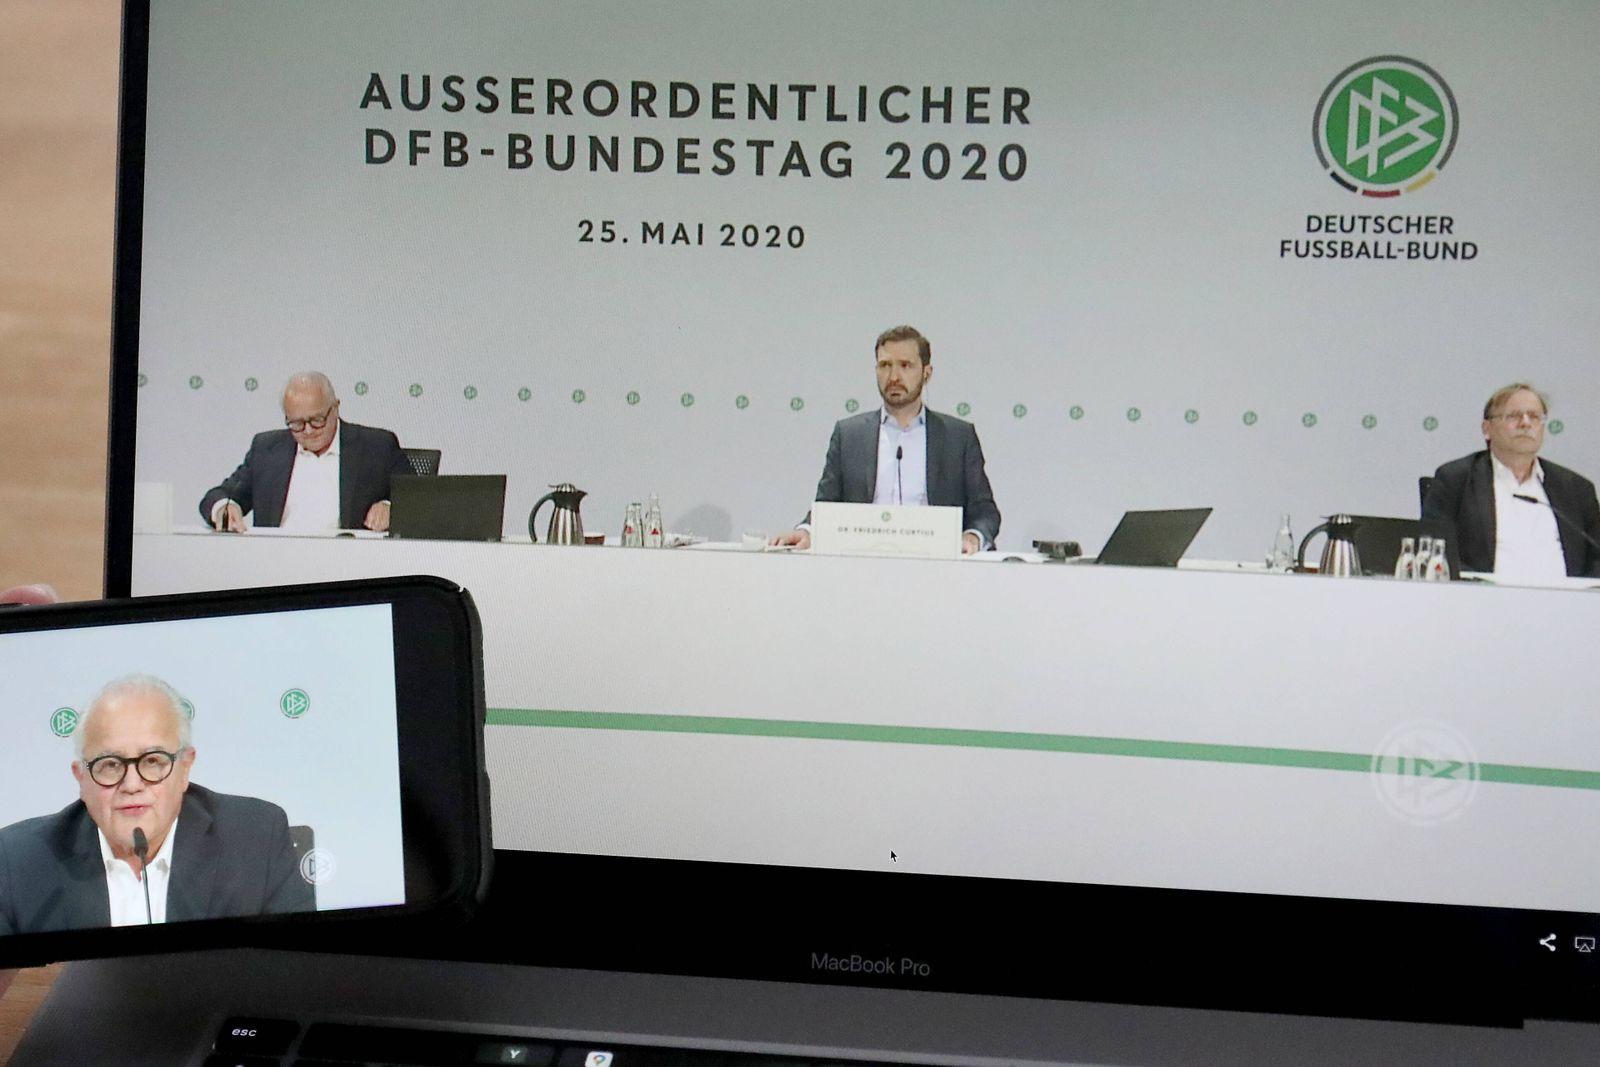 Fußball - DFB Bundestag 25.05.2020 Ein Laptop und ein Smartphone auf dem ein Livestream des DFB Bundestag läuft, DFB Gen